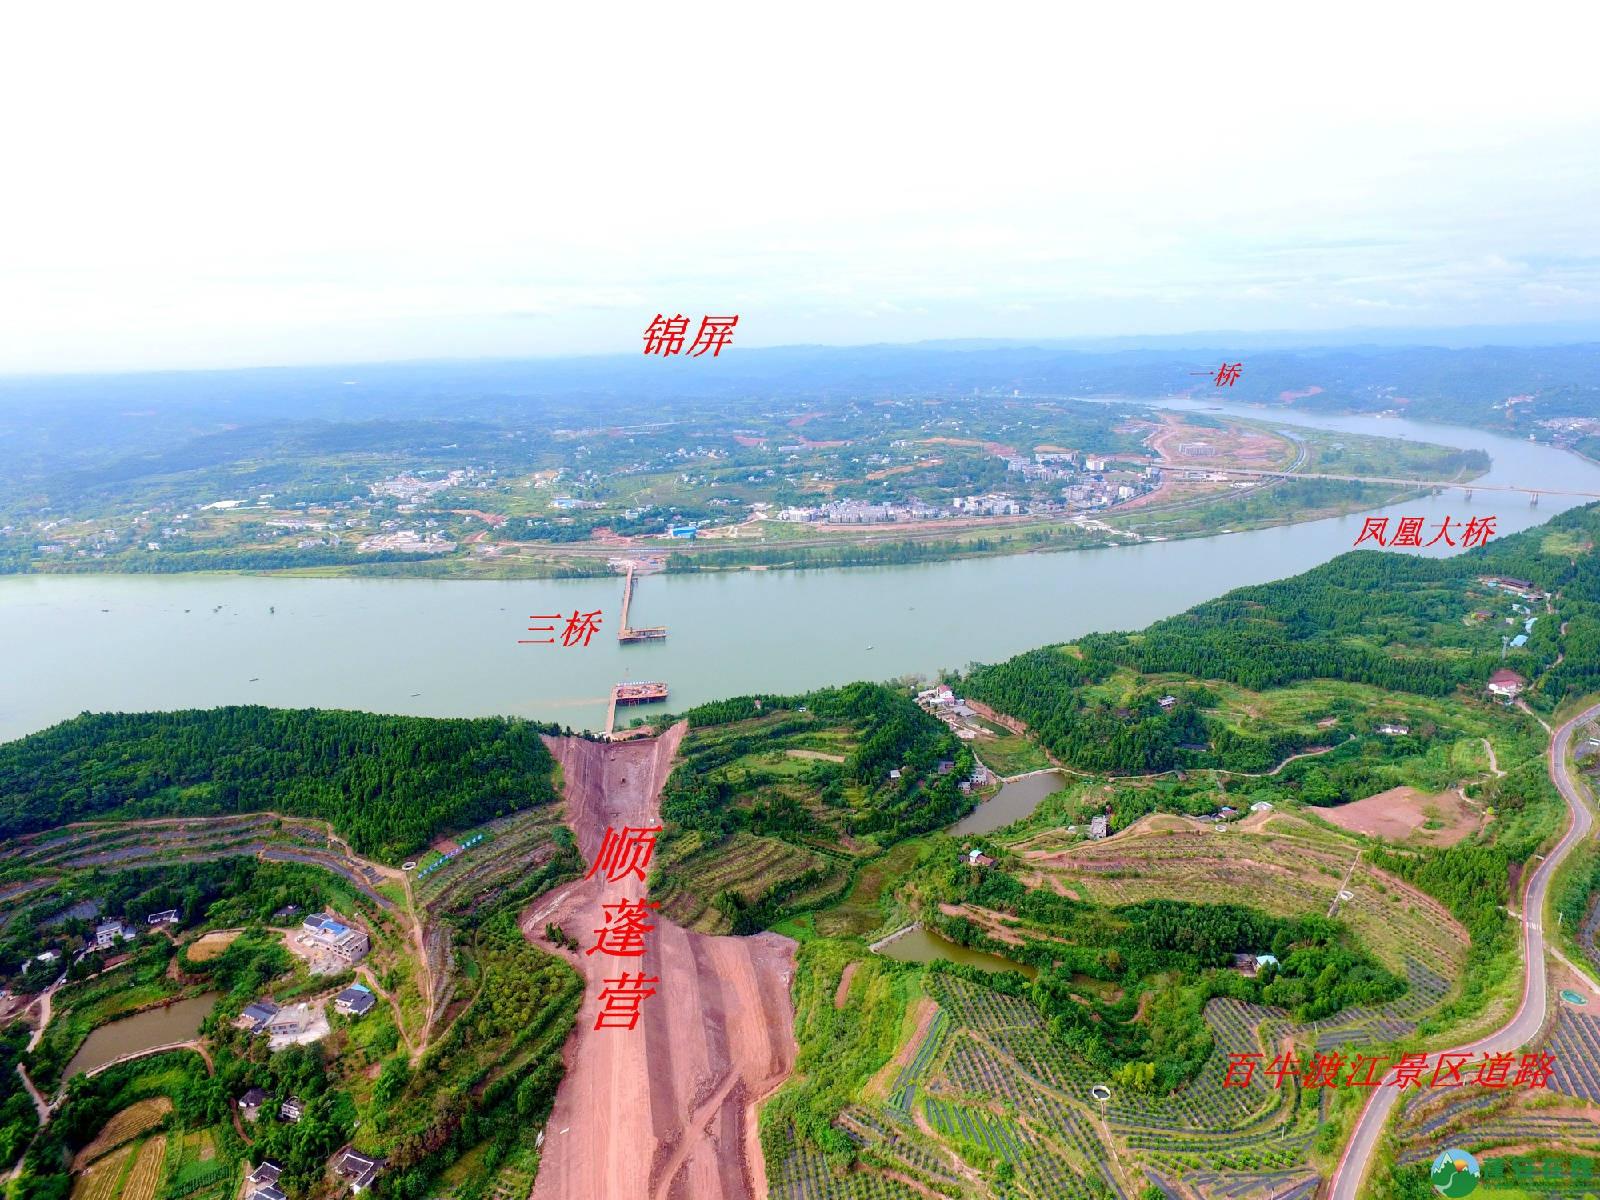 顺蓬营一级公路蓬安段、青云大道二期道路最新进展(2019.8.29) - 第9张  | 蓬安在线